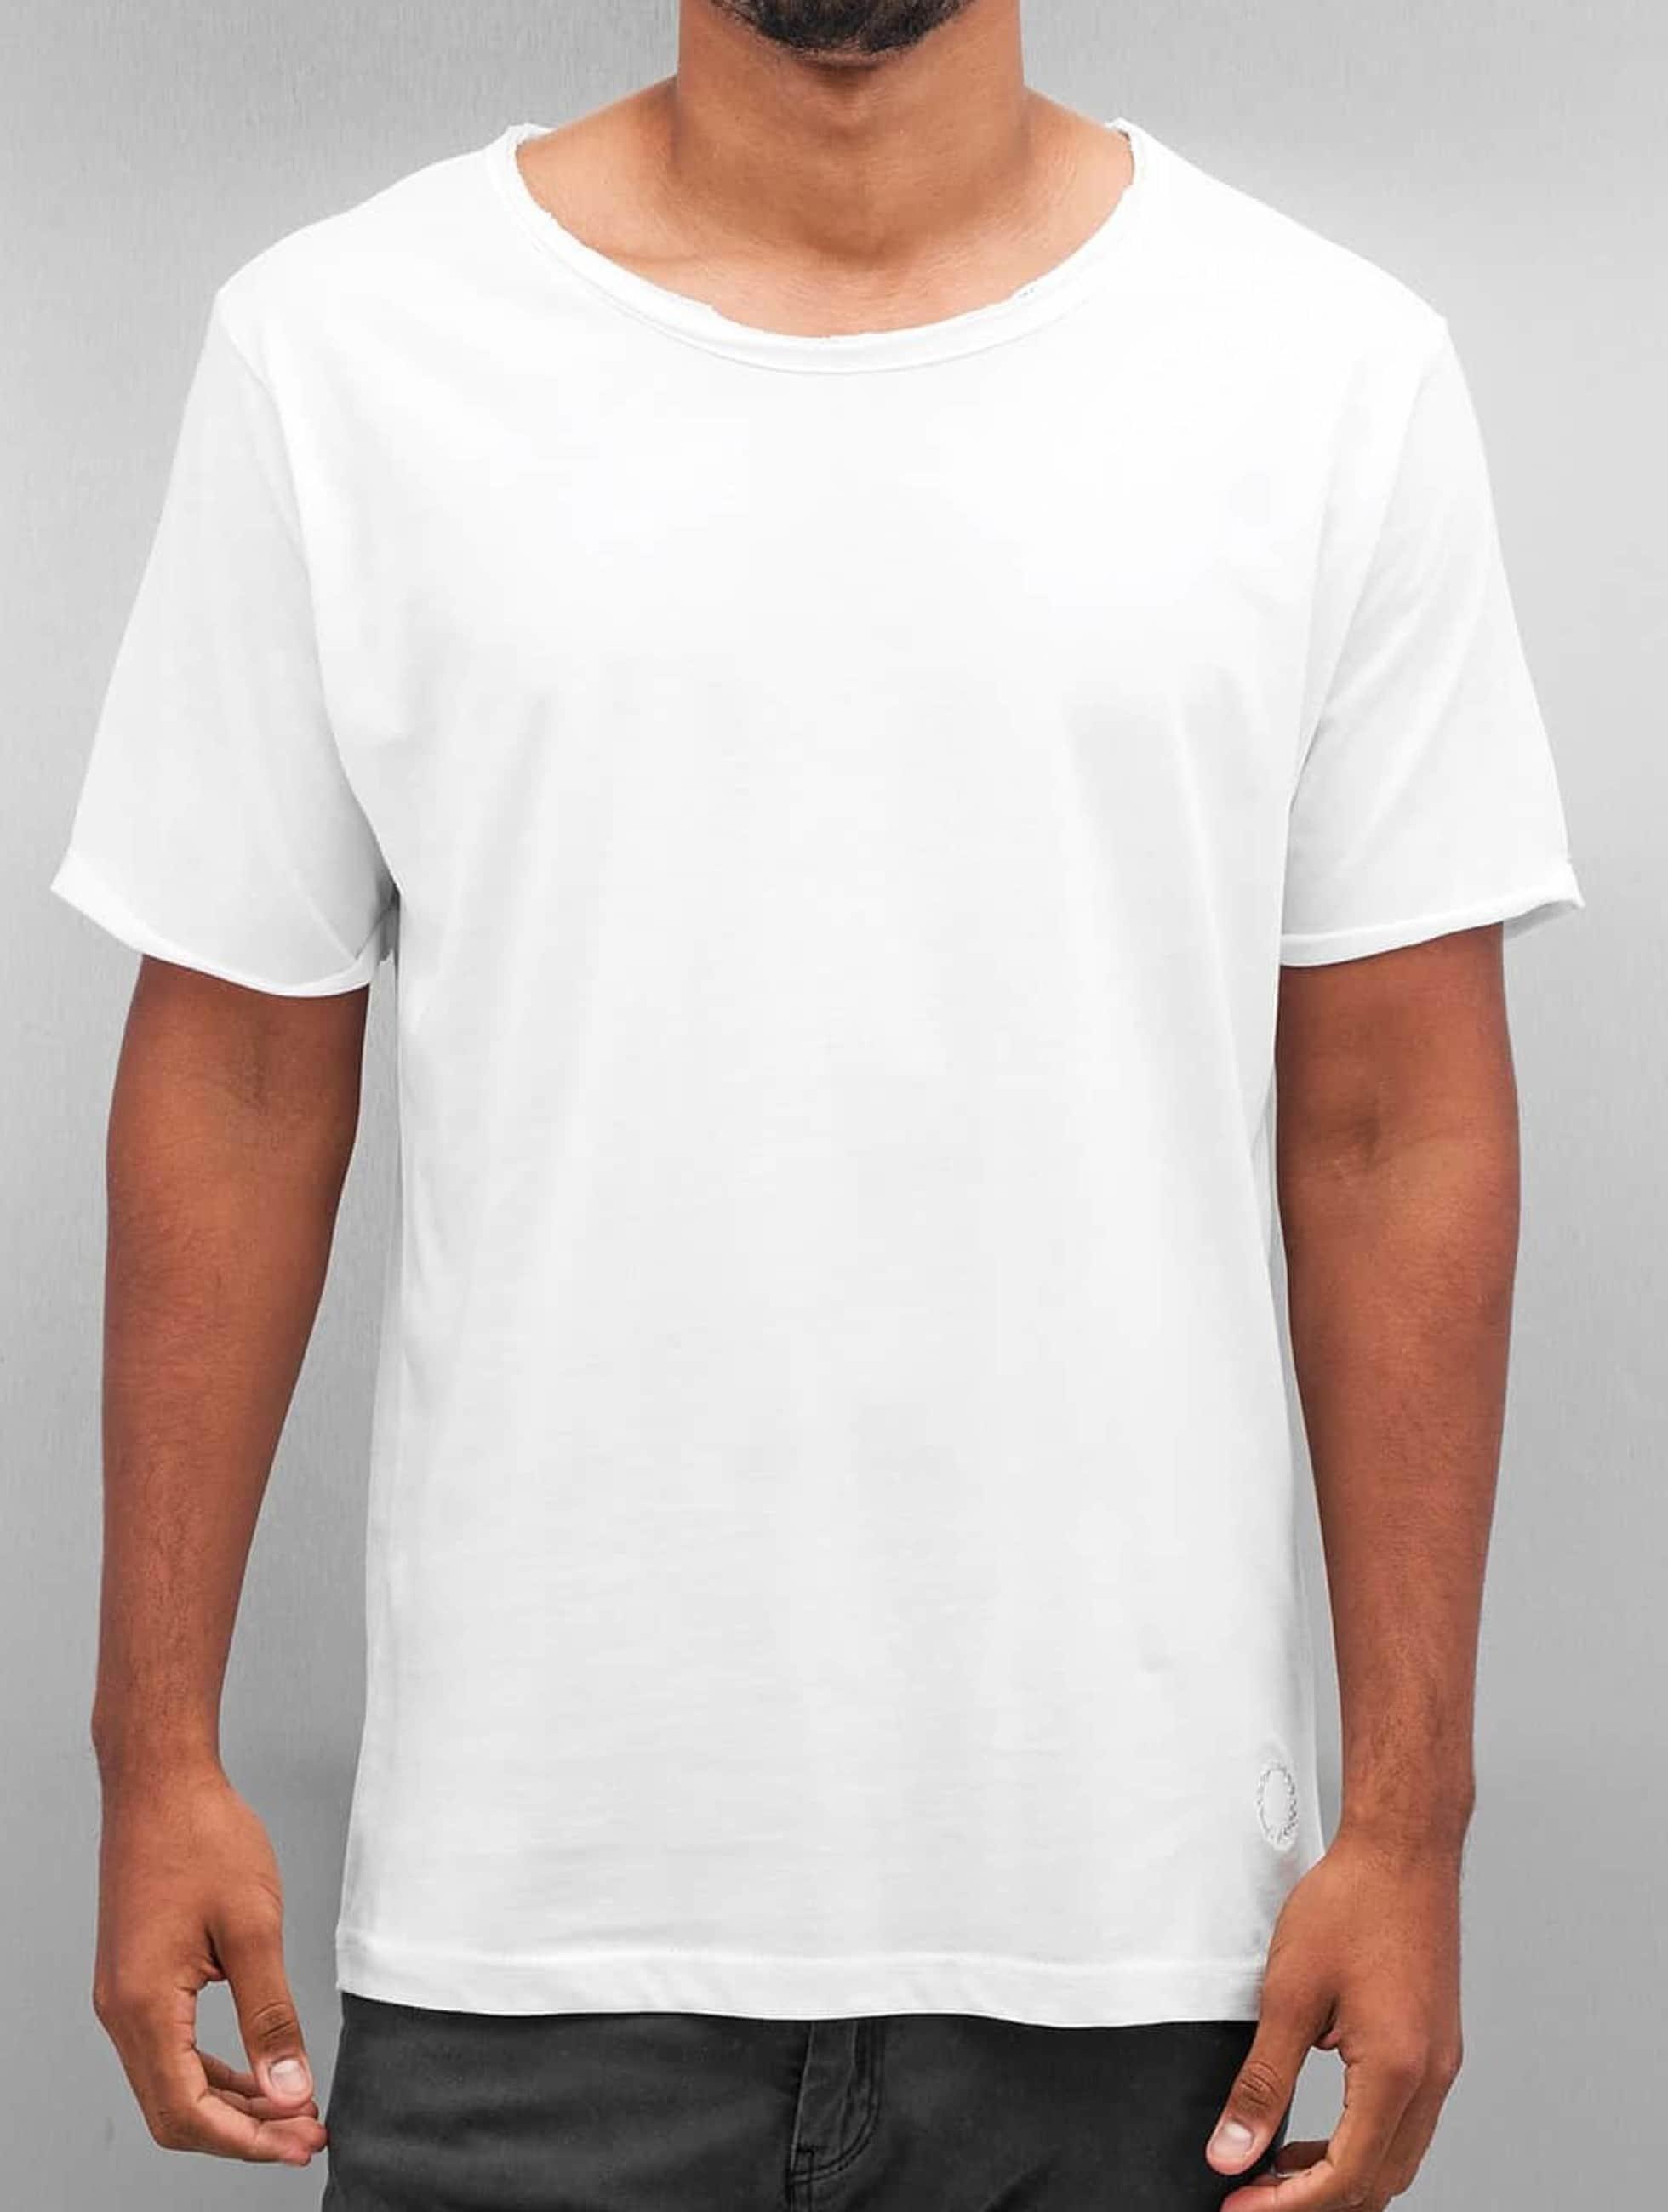 Yezz T-Shirt Blank weiß